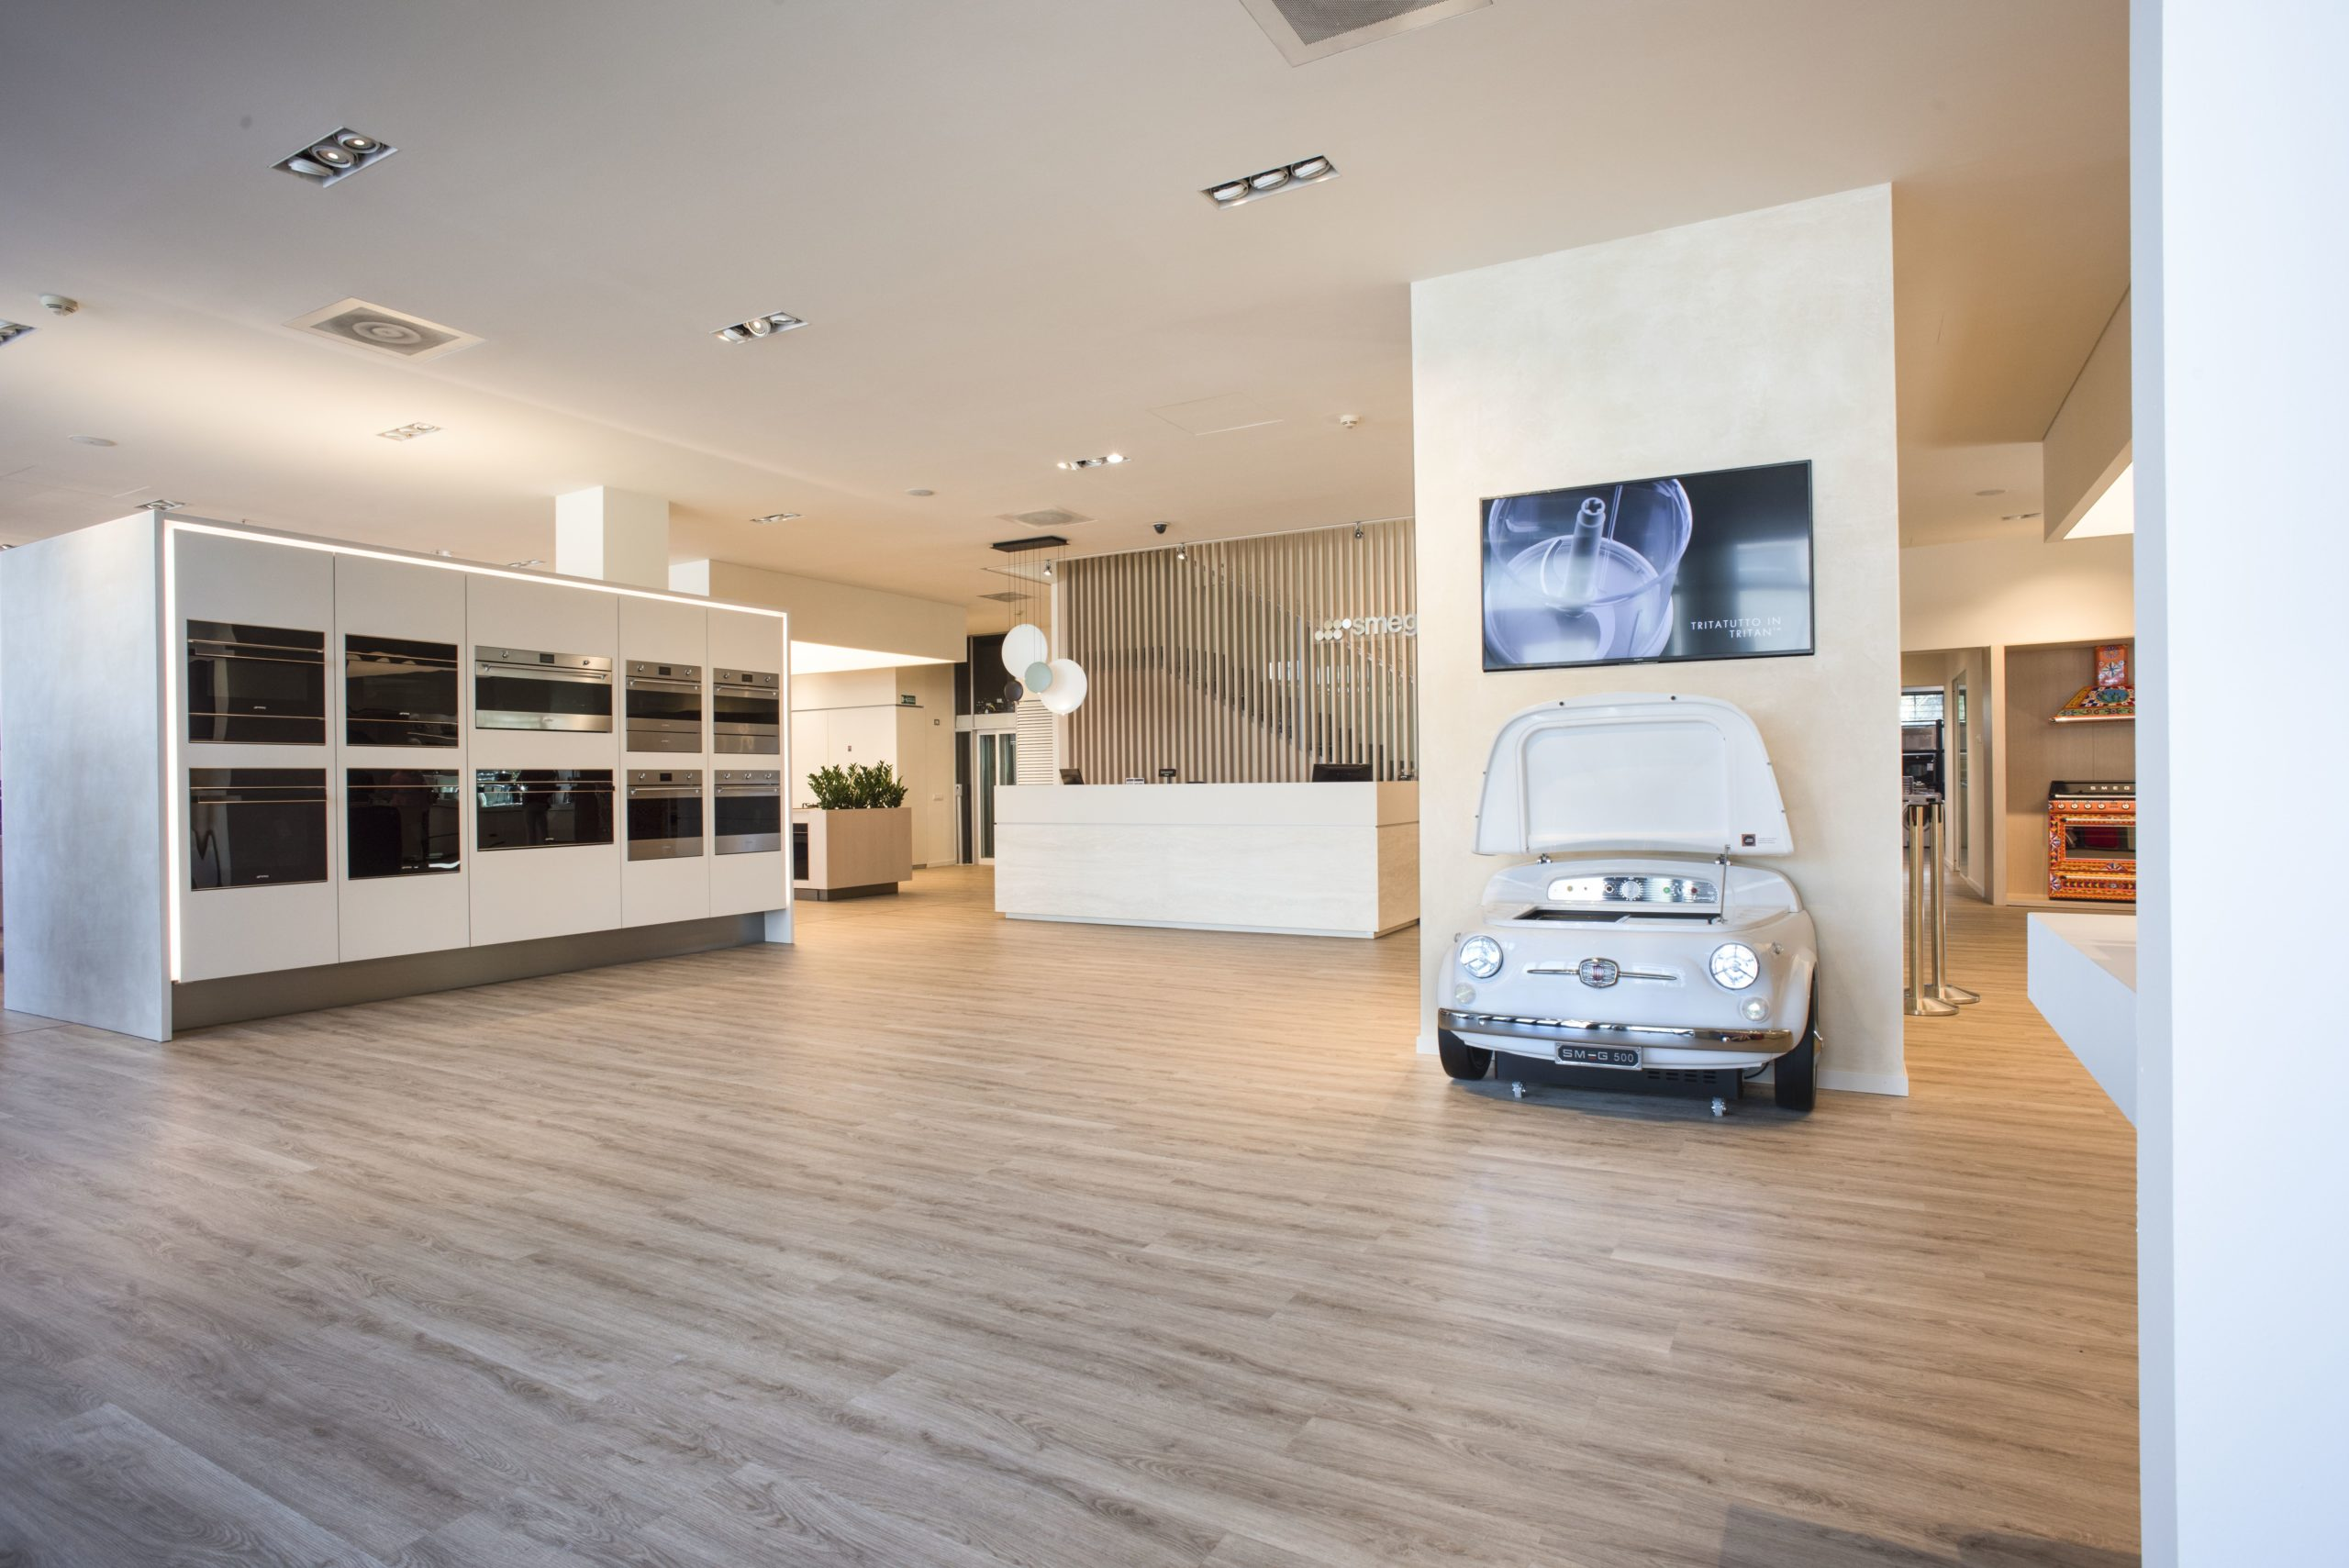 Smeg Showroom Reggio Emilia